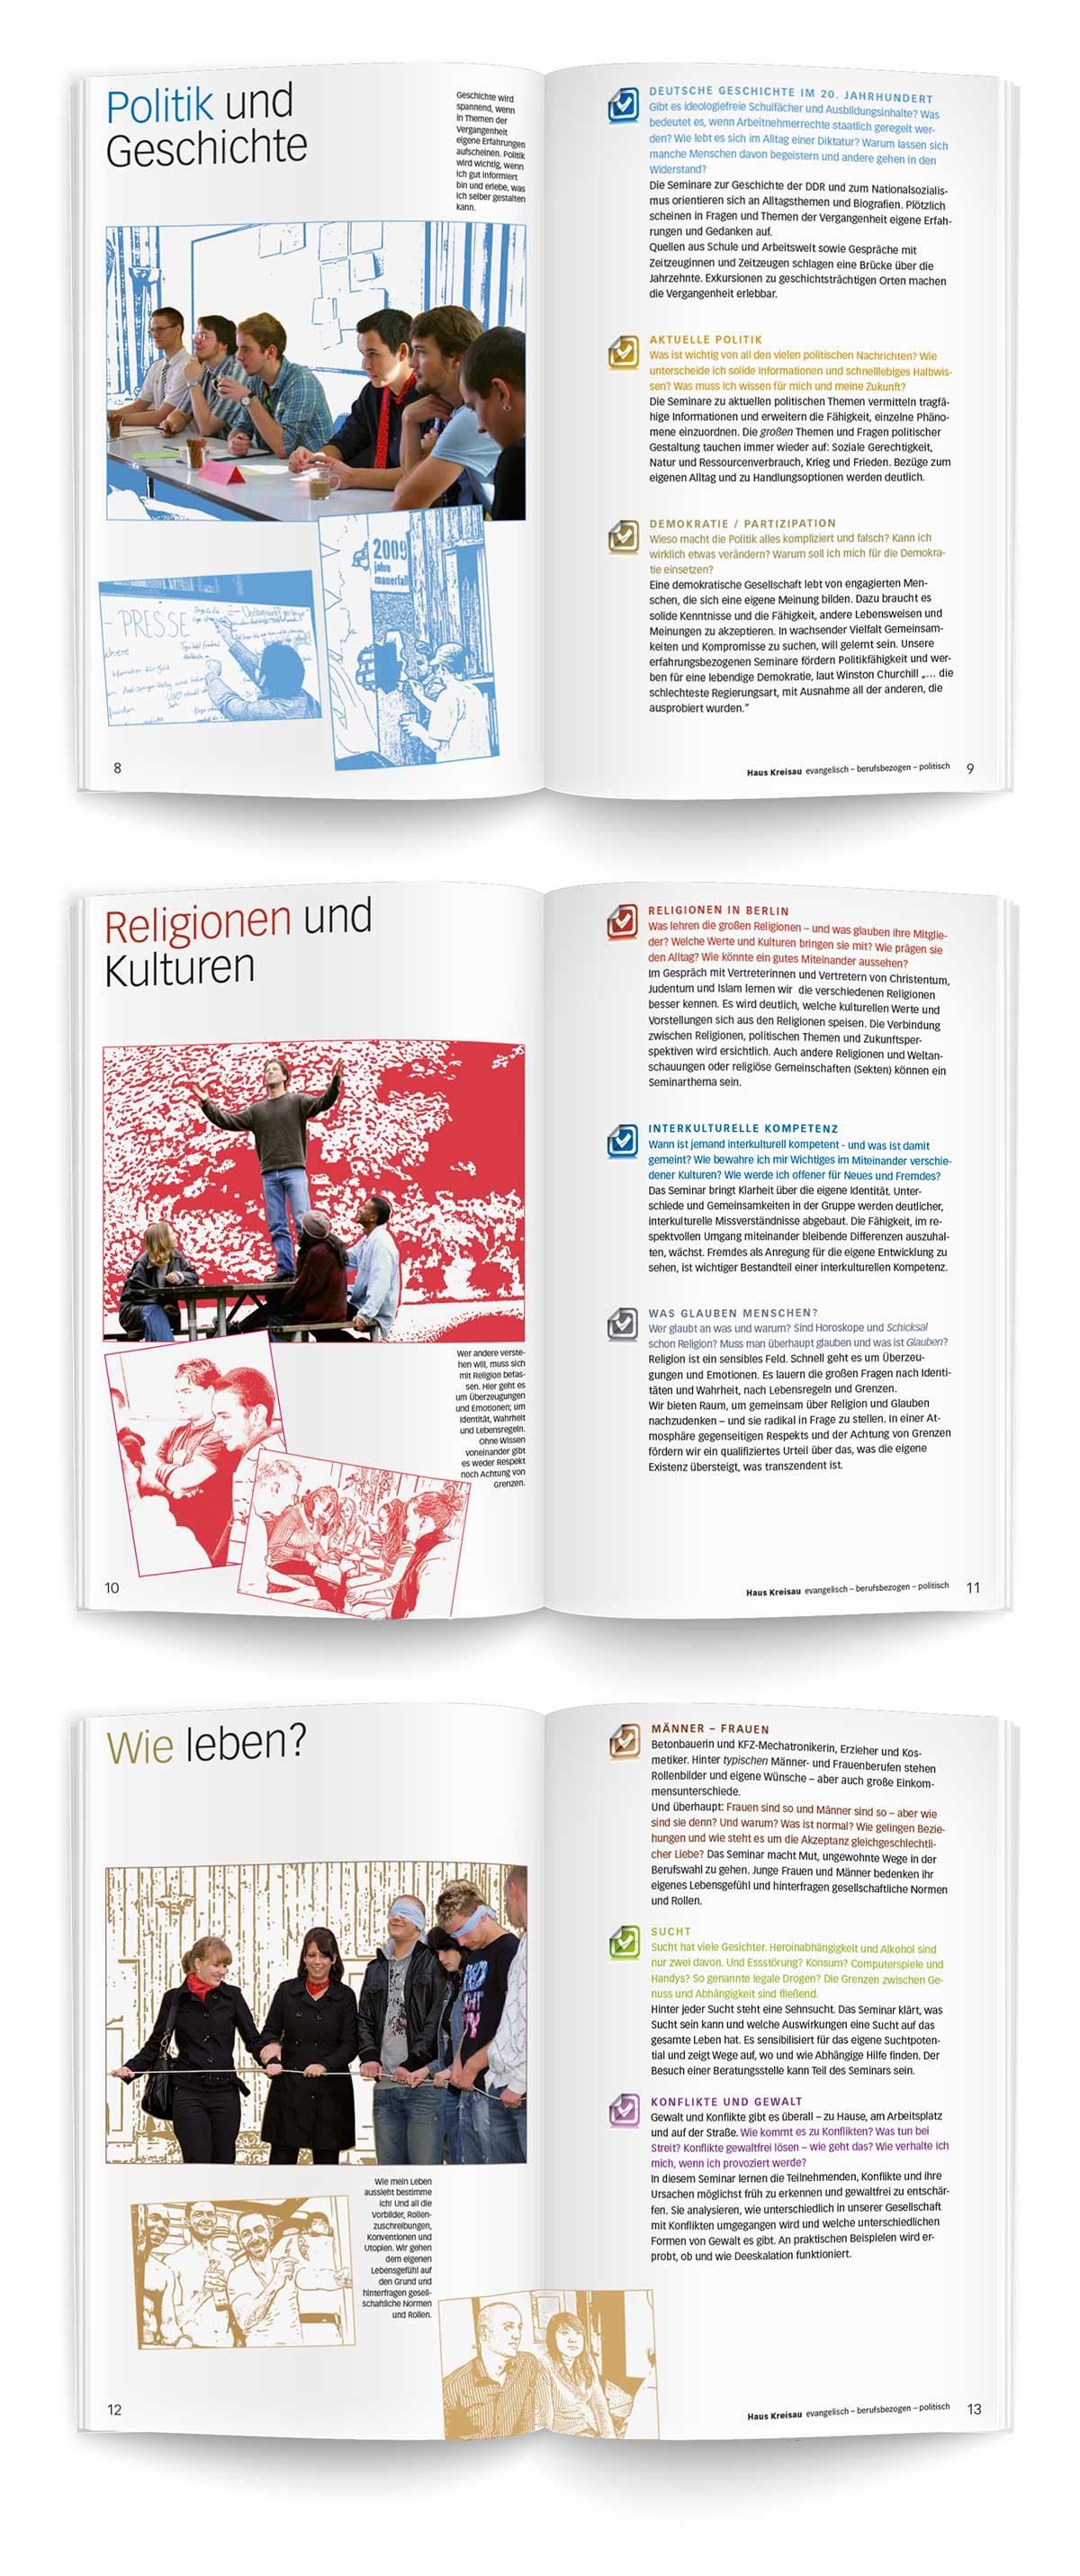 Evangelische Berufsschularbeit Haus Keisau Image Broschüre